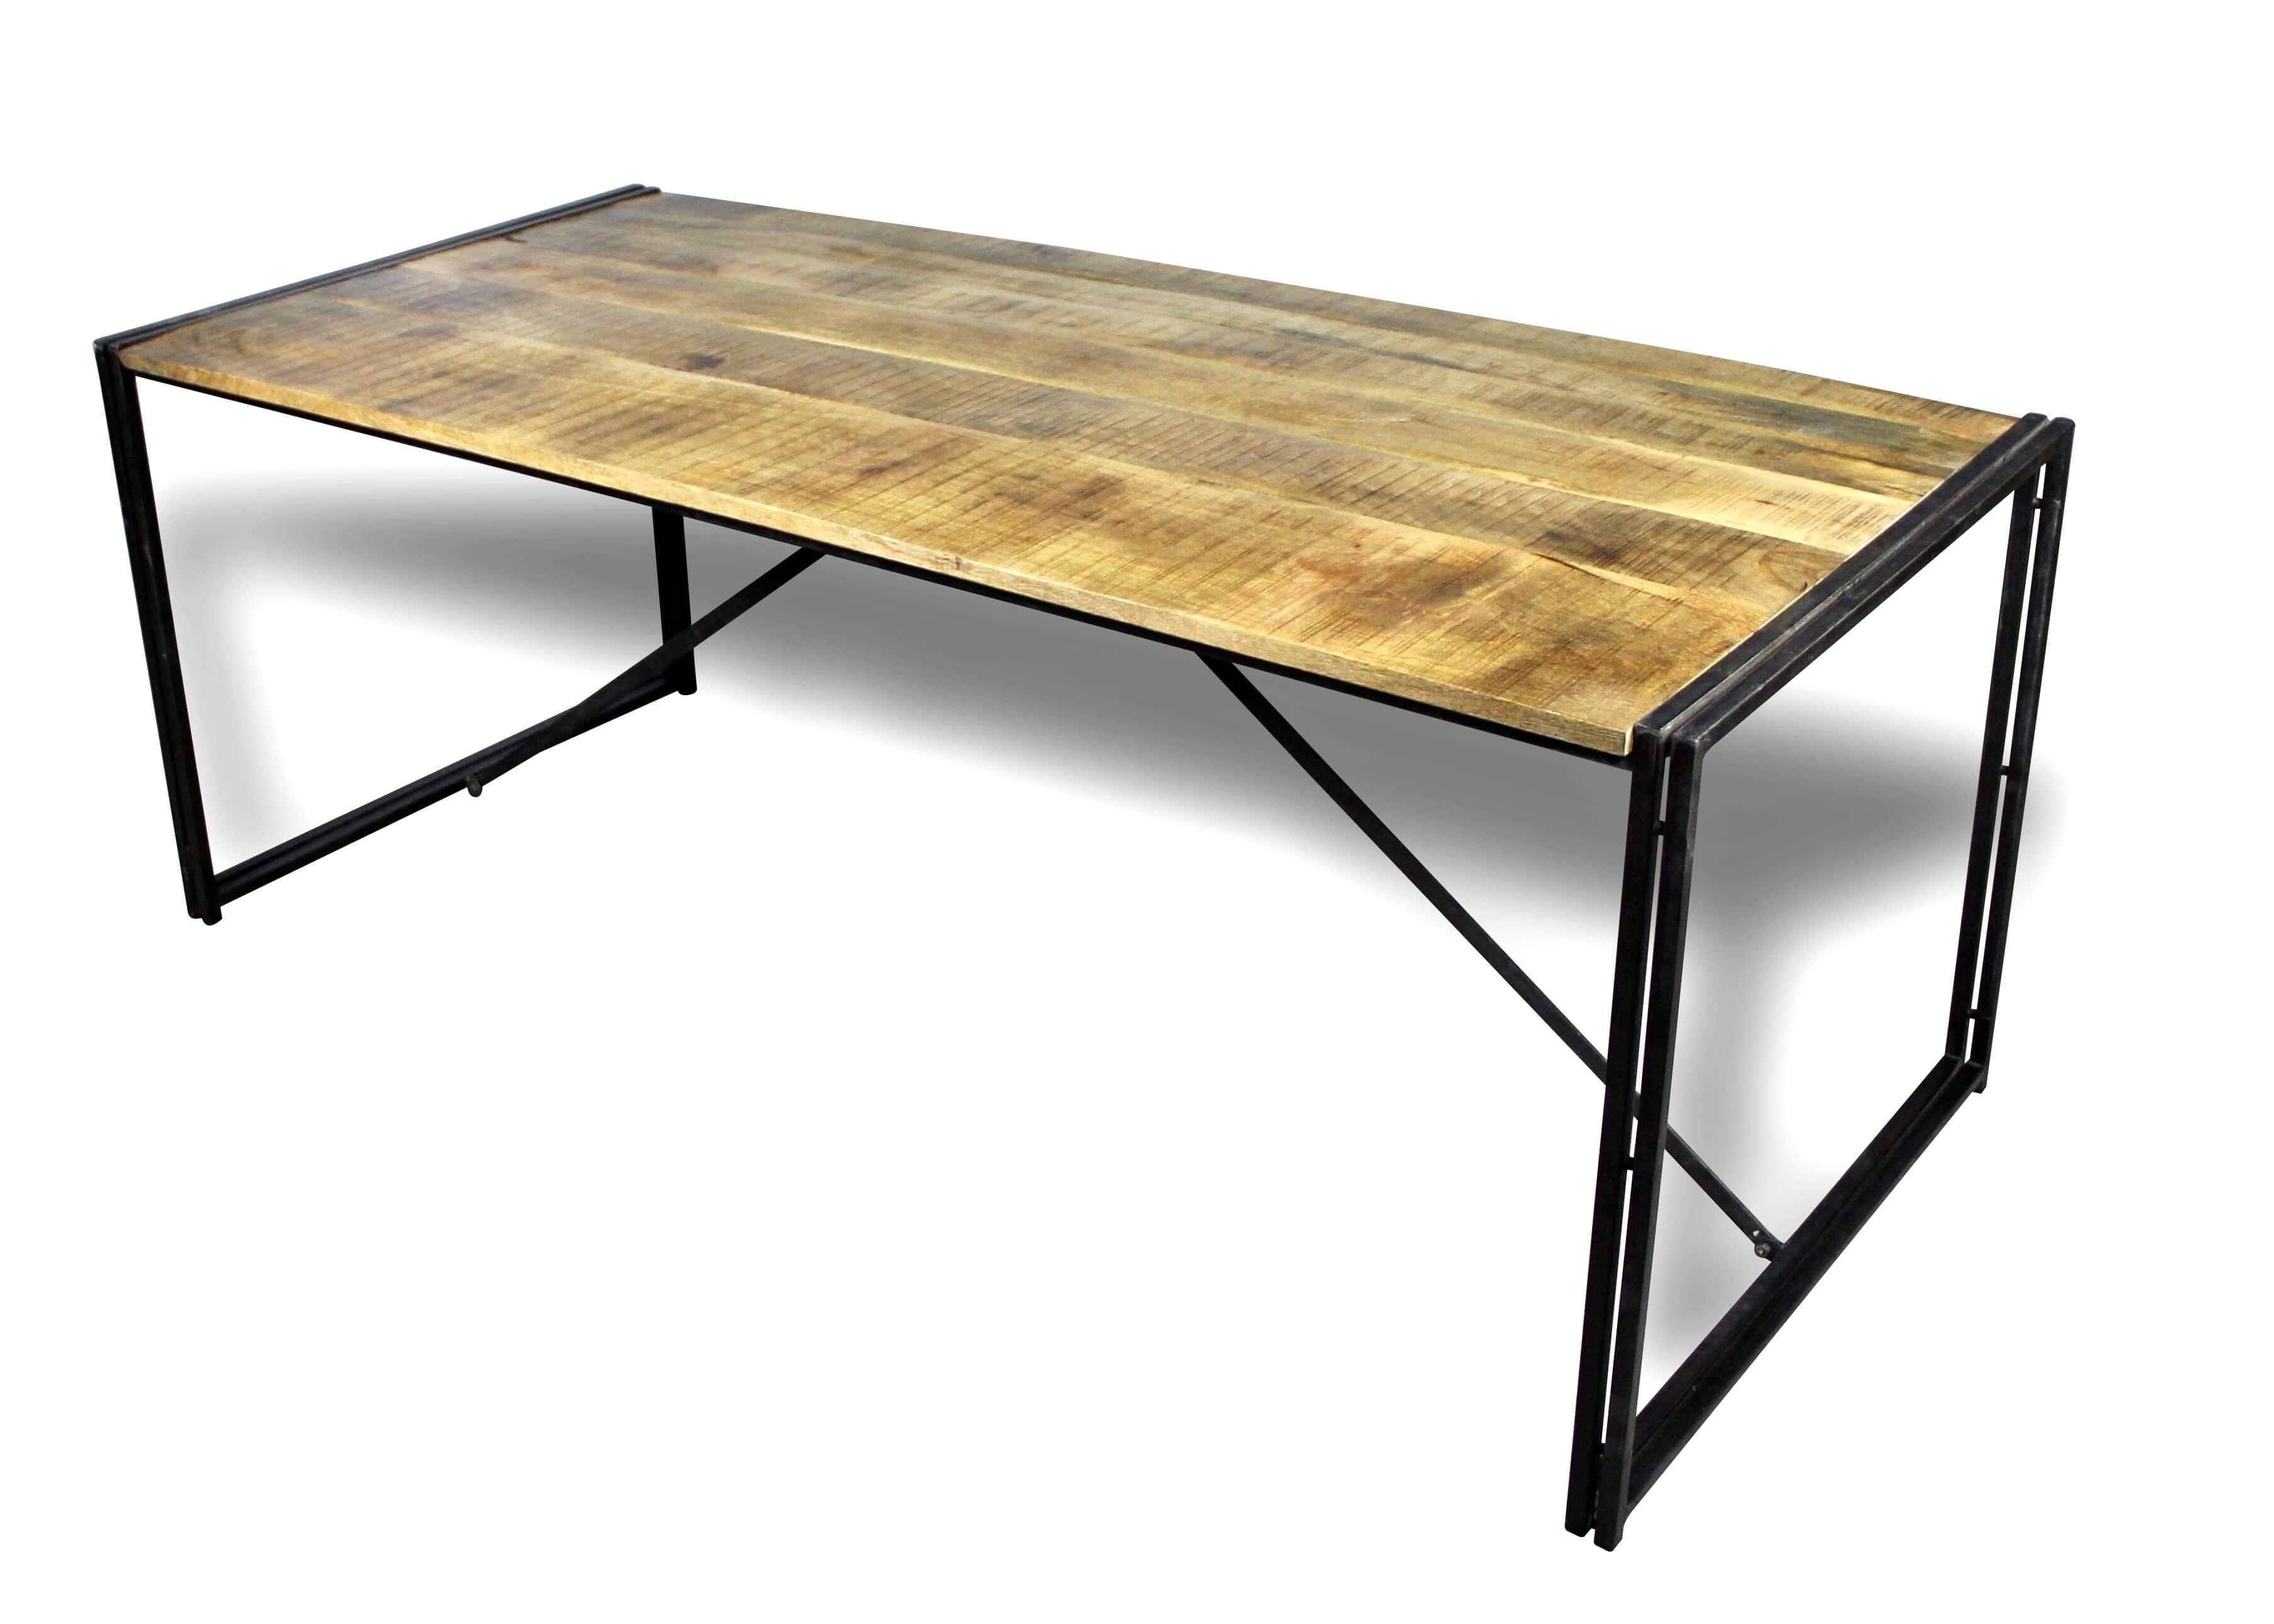 Table De Repas Style Industriel Bois Naturel Patine Et Metal